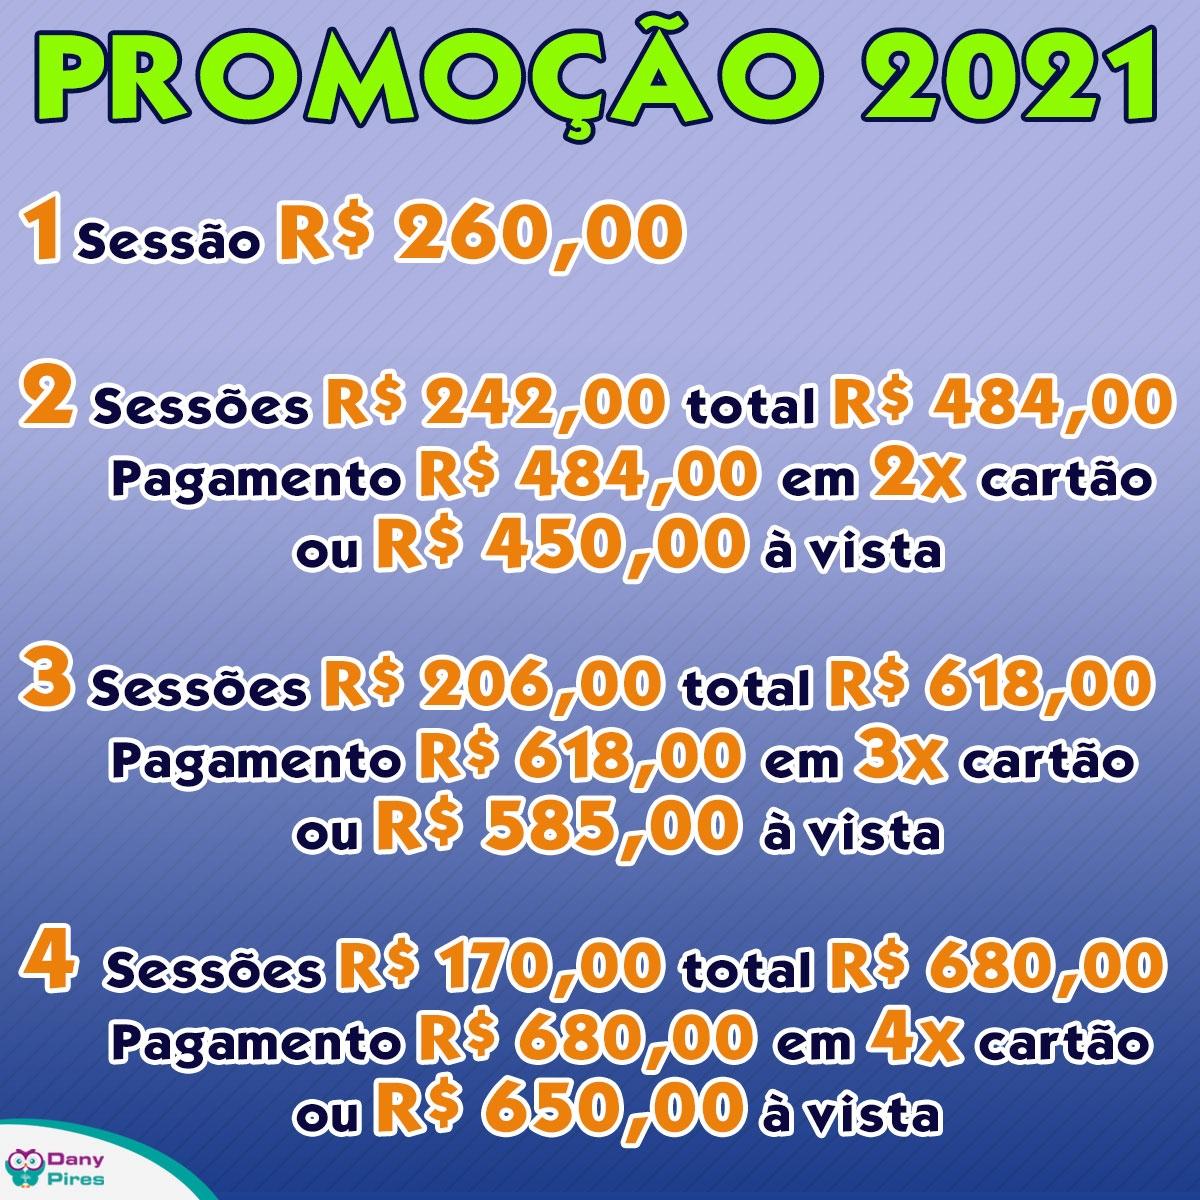 Promoção Janeiro de 2021